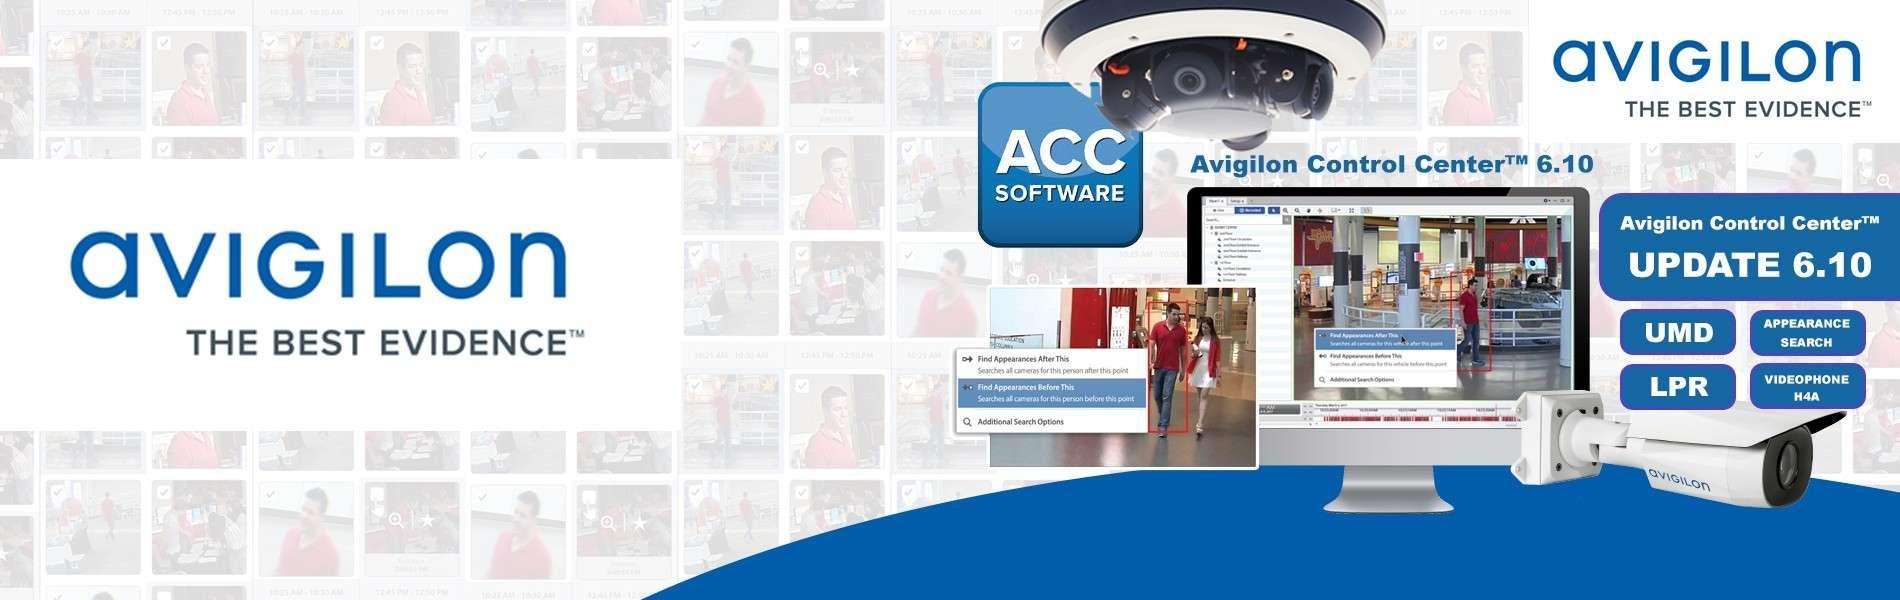 AVIGILON : Mise à jour Avigilon Control Center (ACC) 6.10